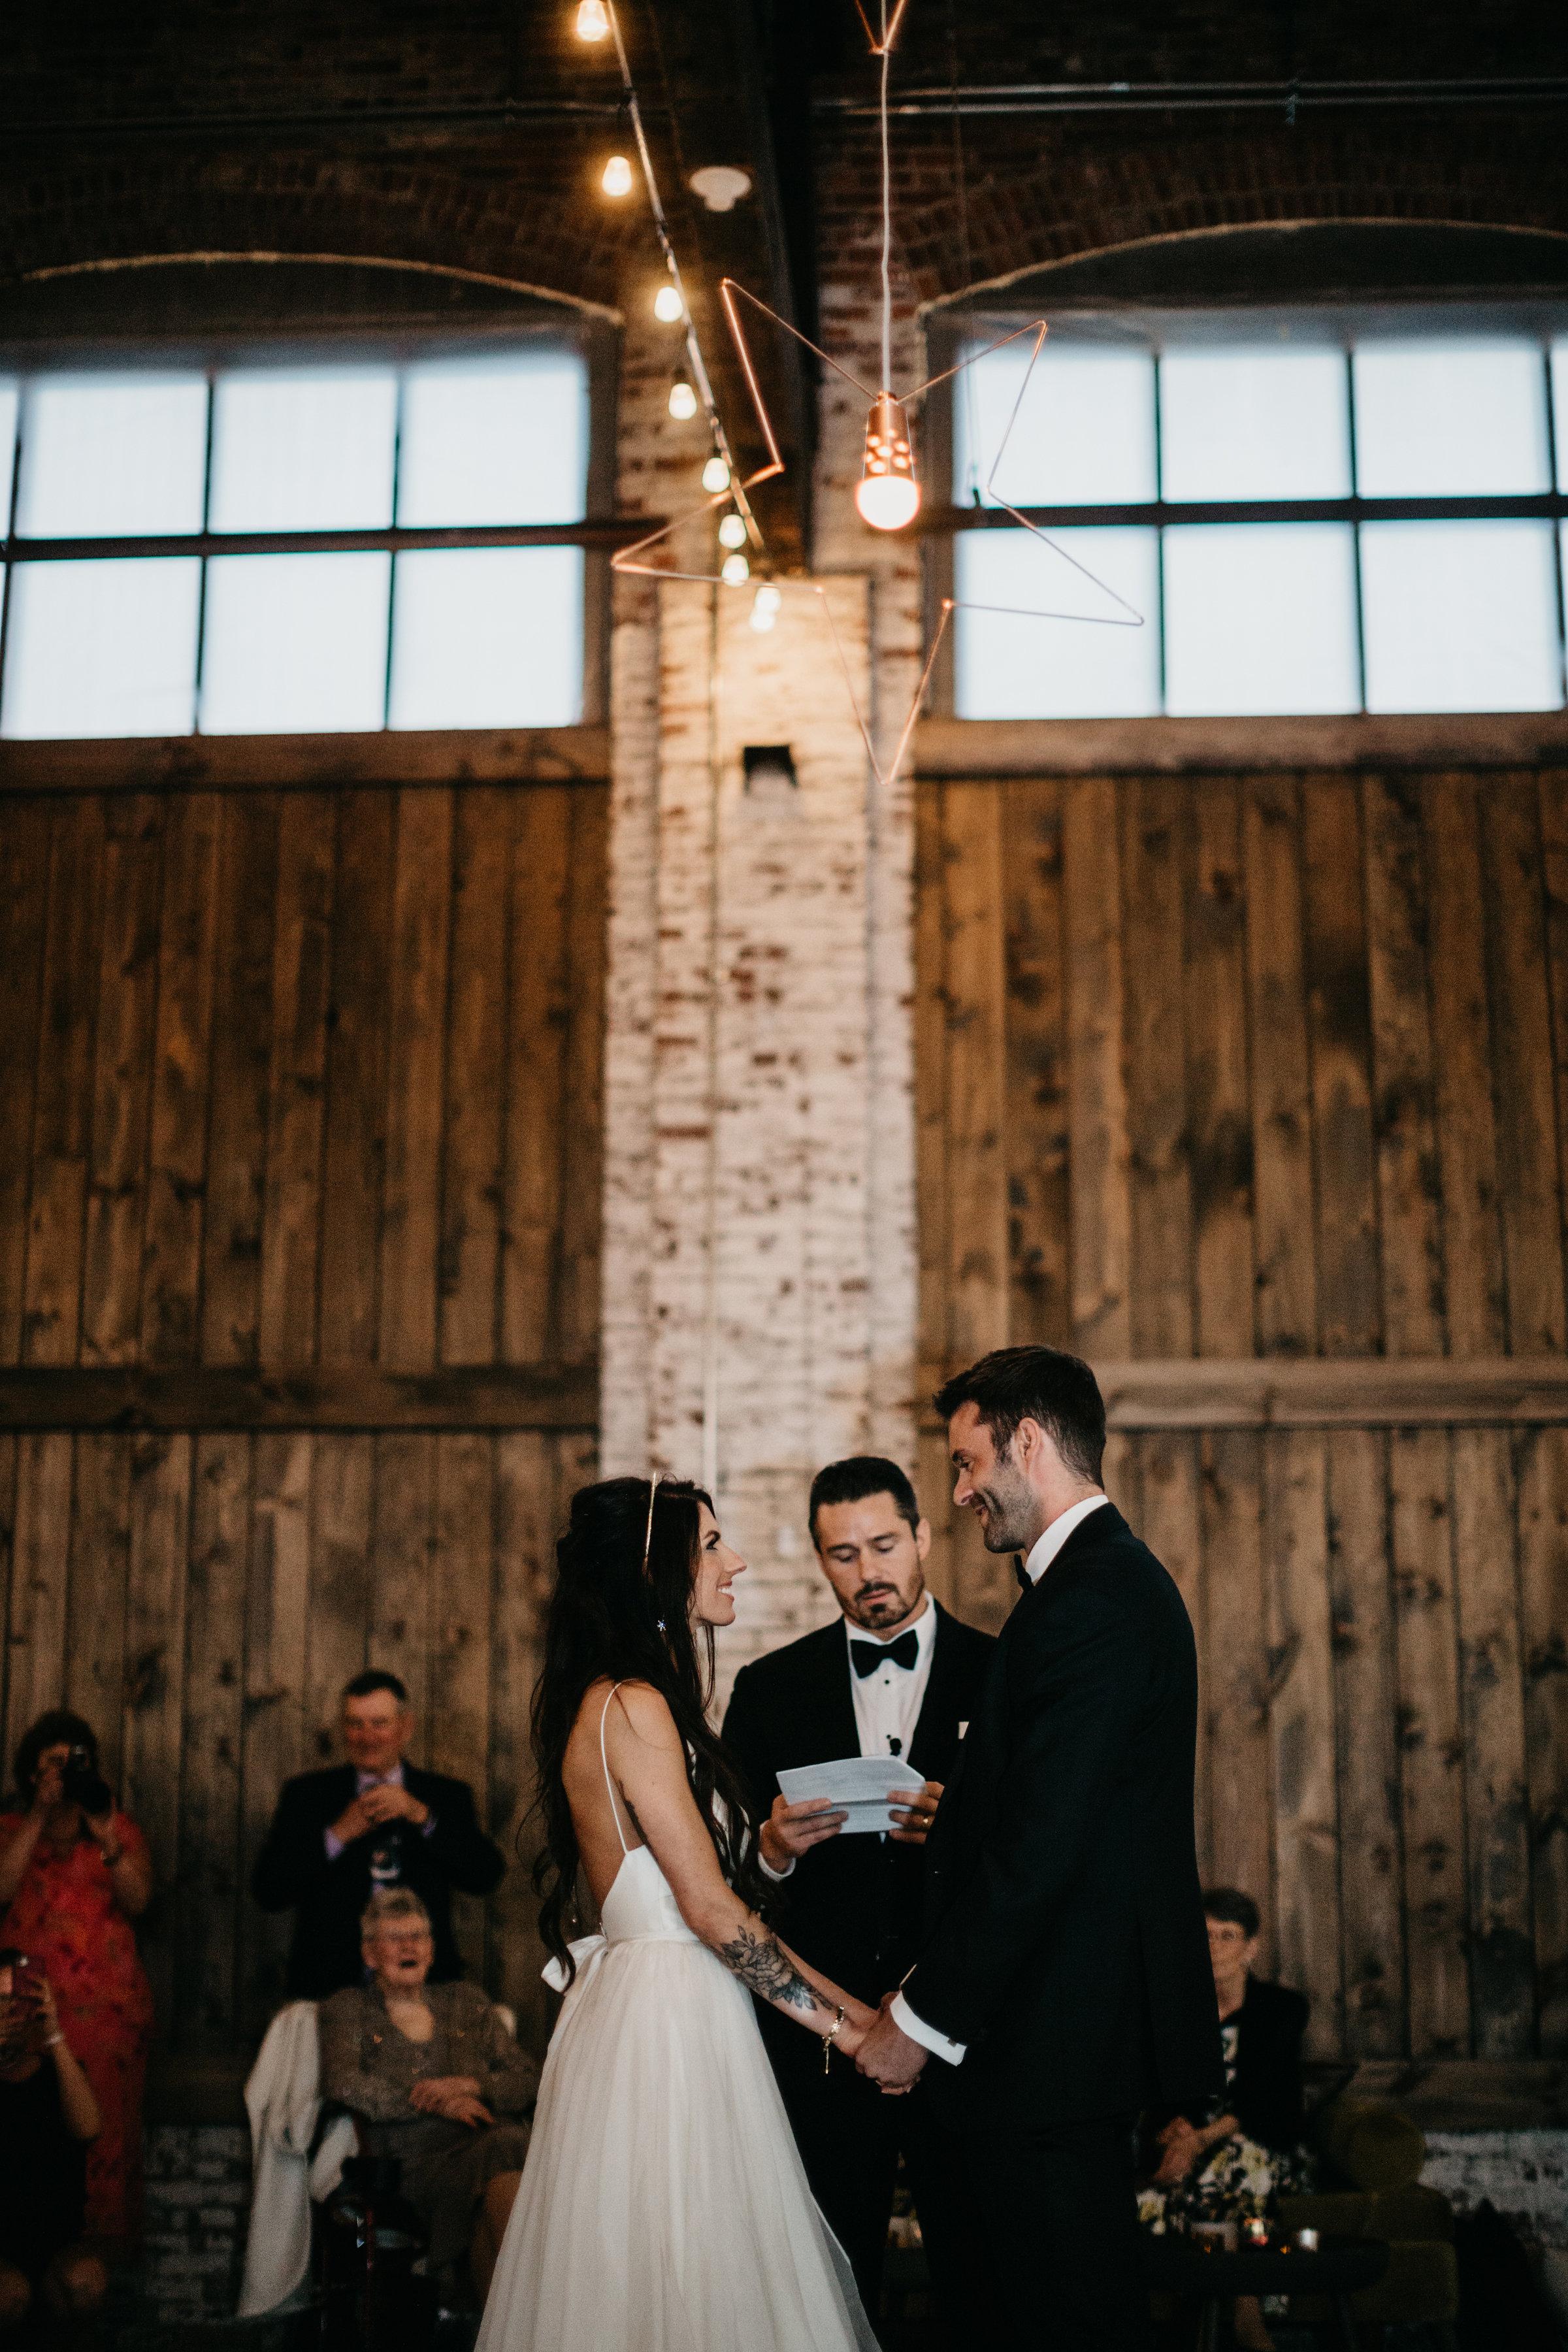 Noelle_Joe_Ceremony-19.jpg